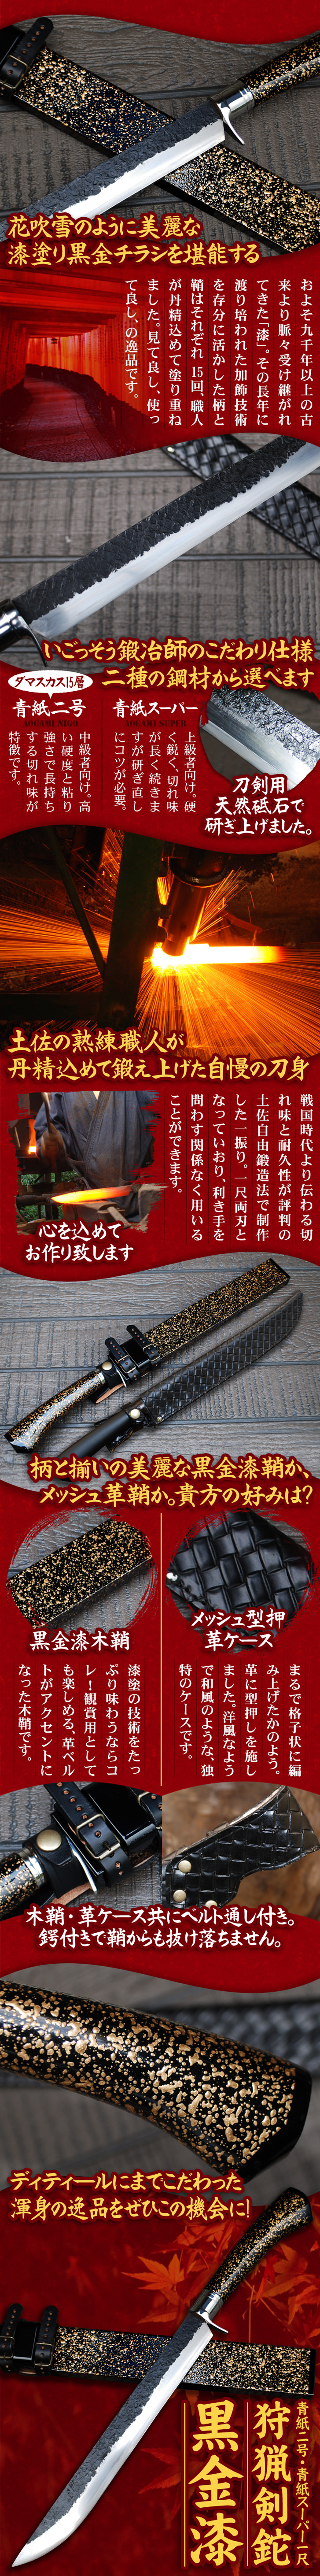 豊国 黒金漆 剣鉈説明